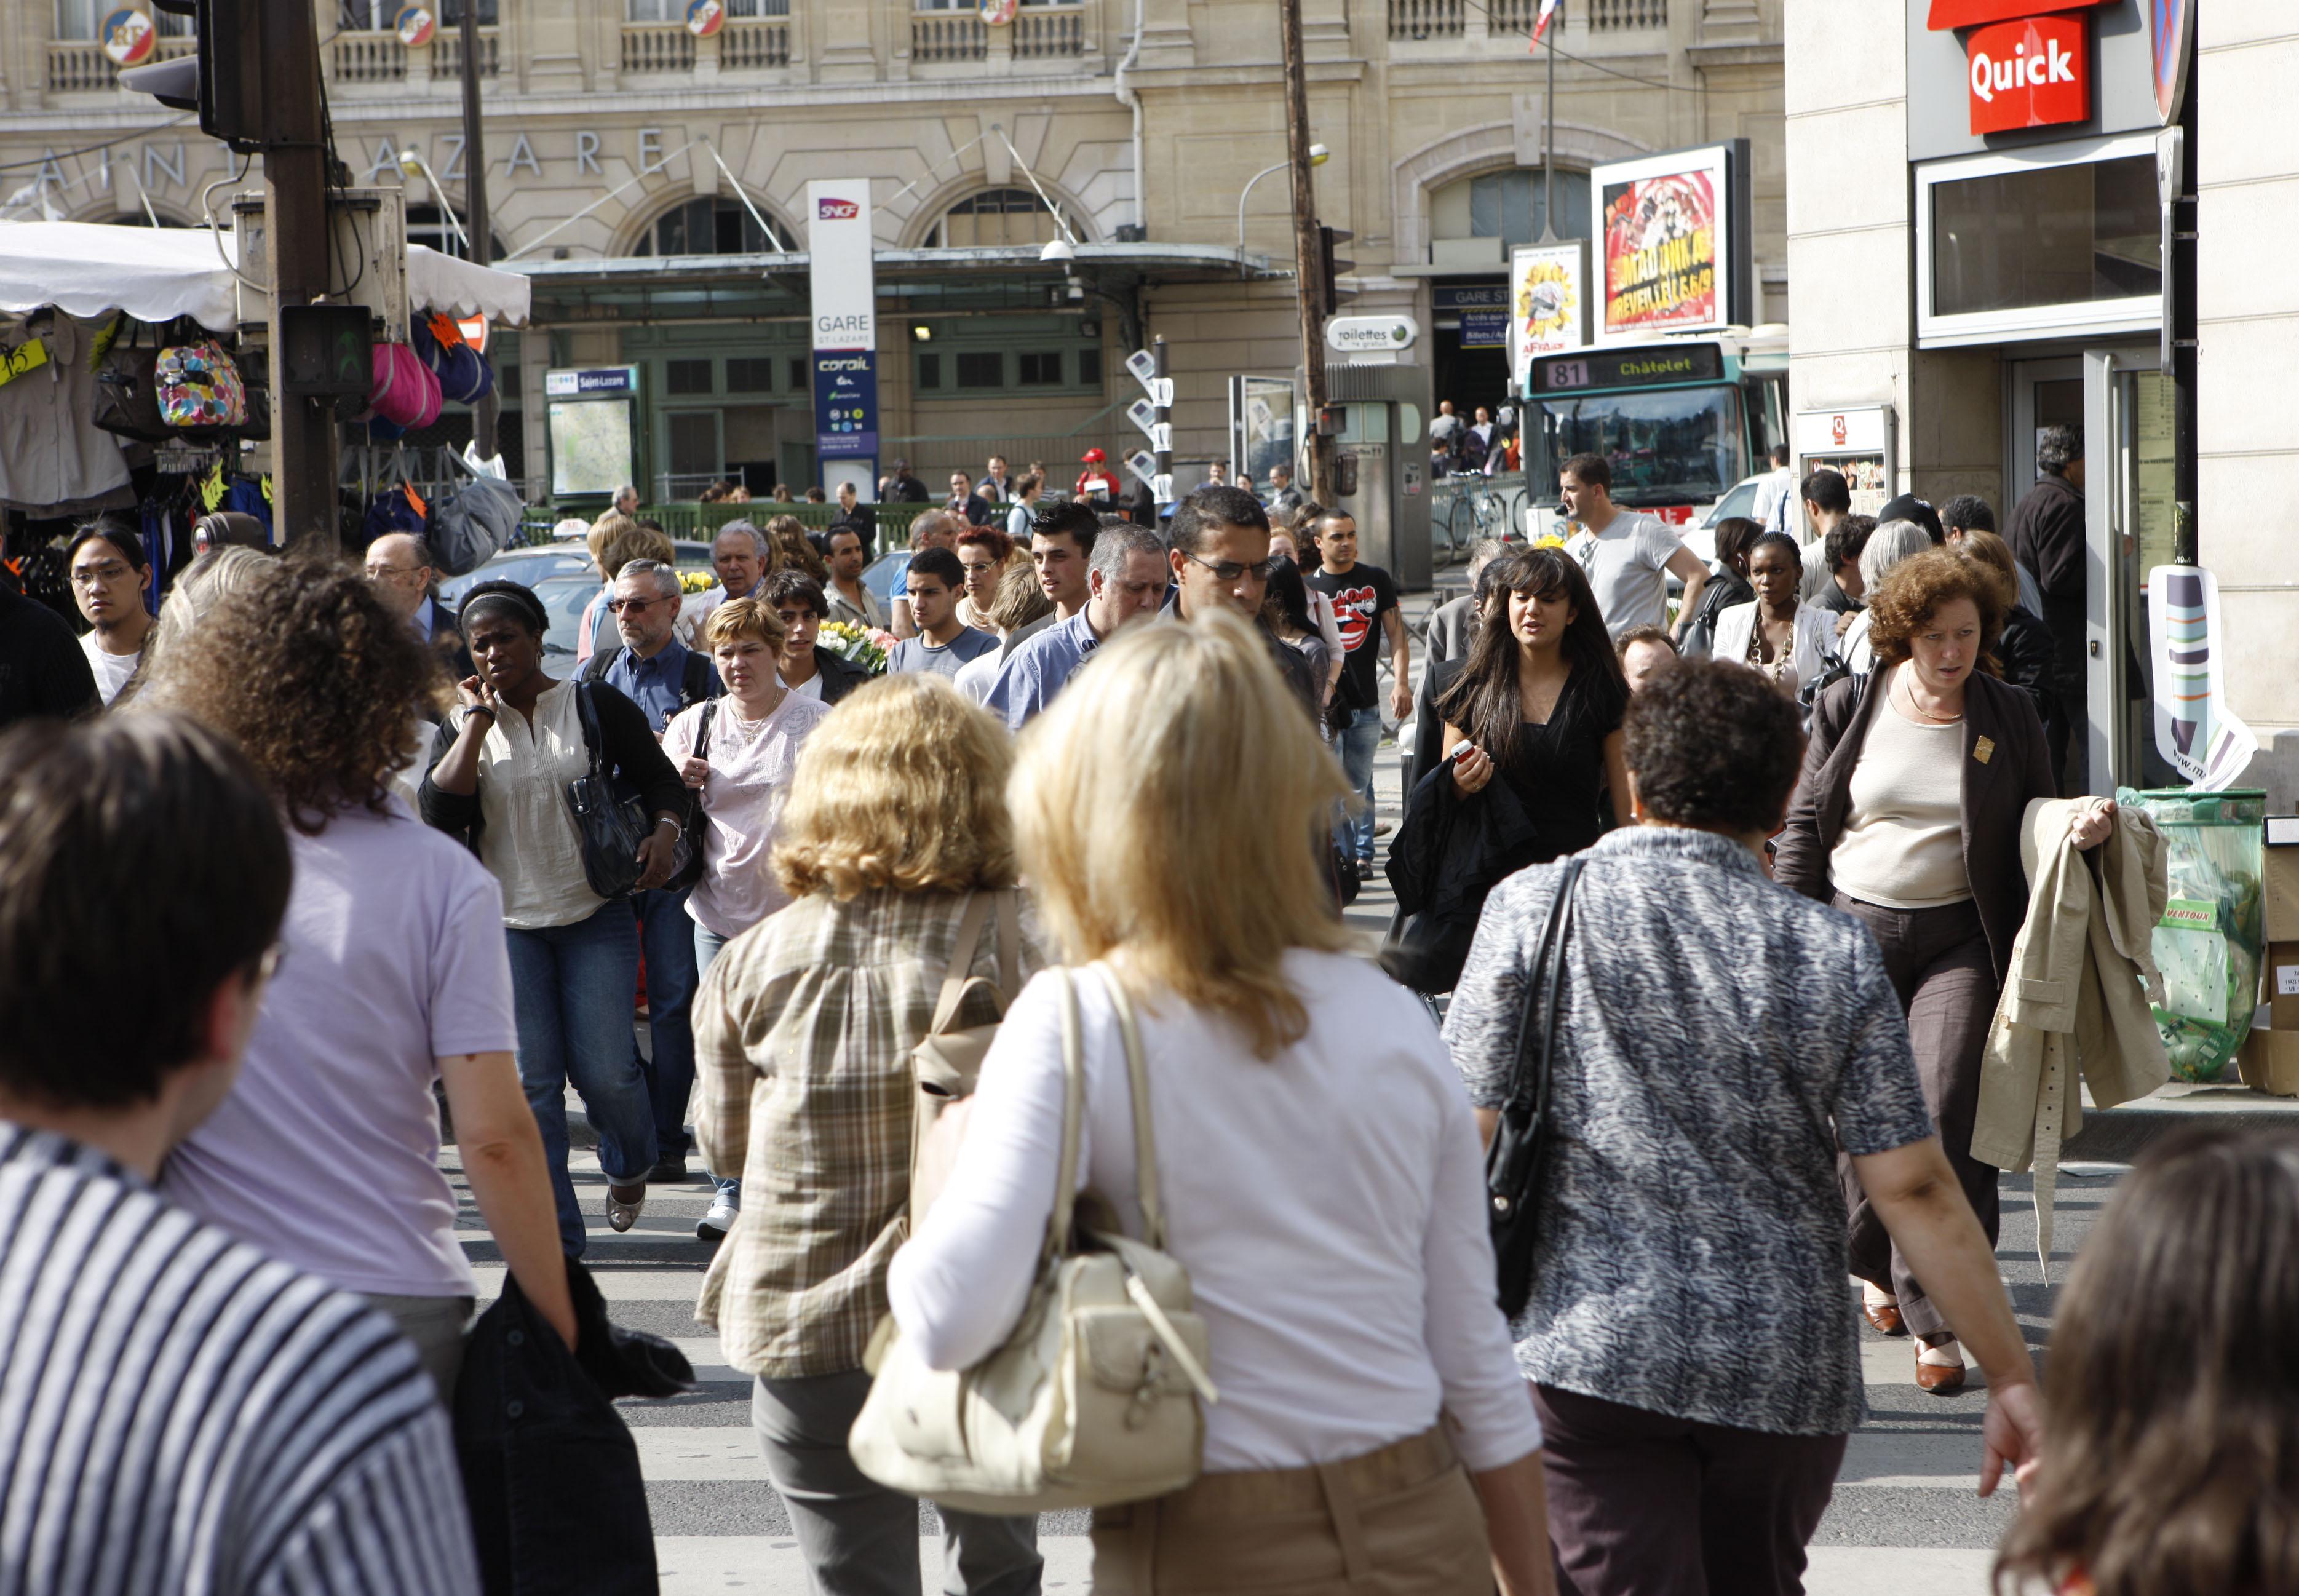 Les symptômes de la phobie de la foule